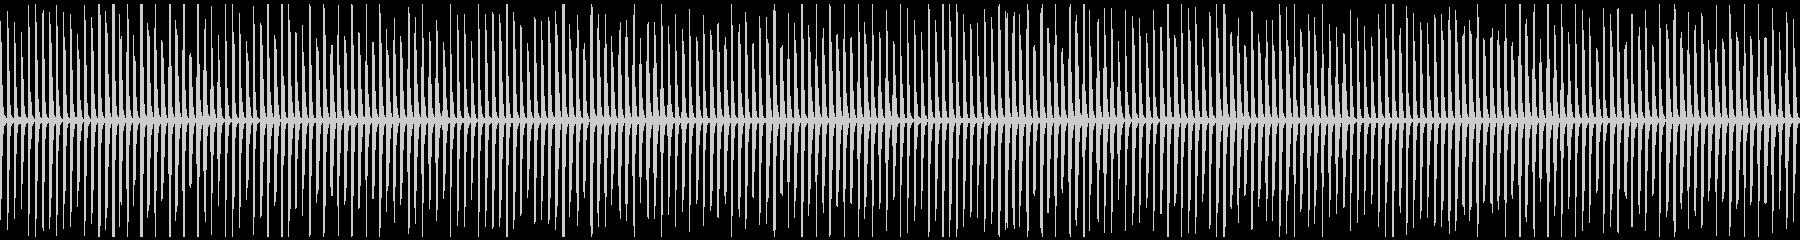 ゆるふわシンプルループ8、のんきな日常の未再生の波形